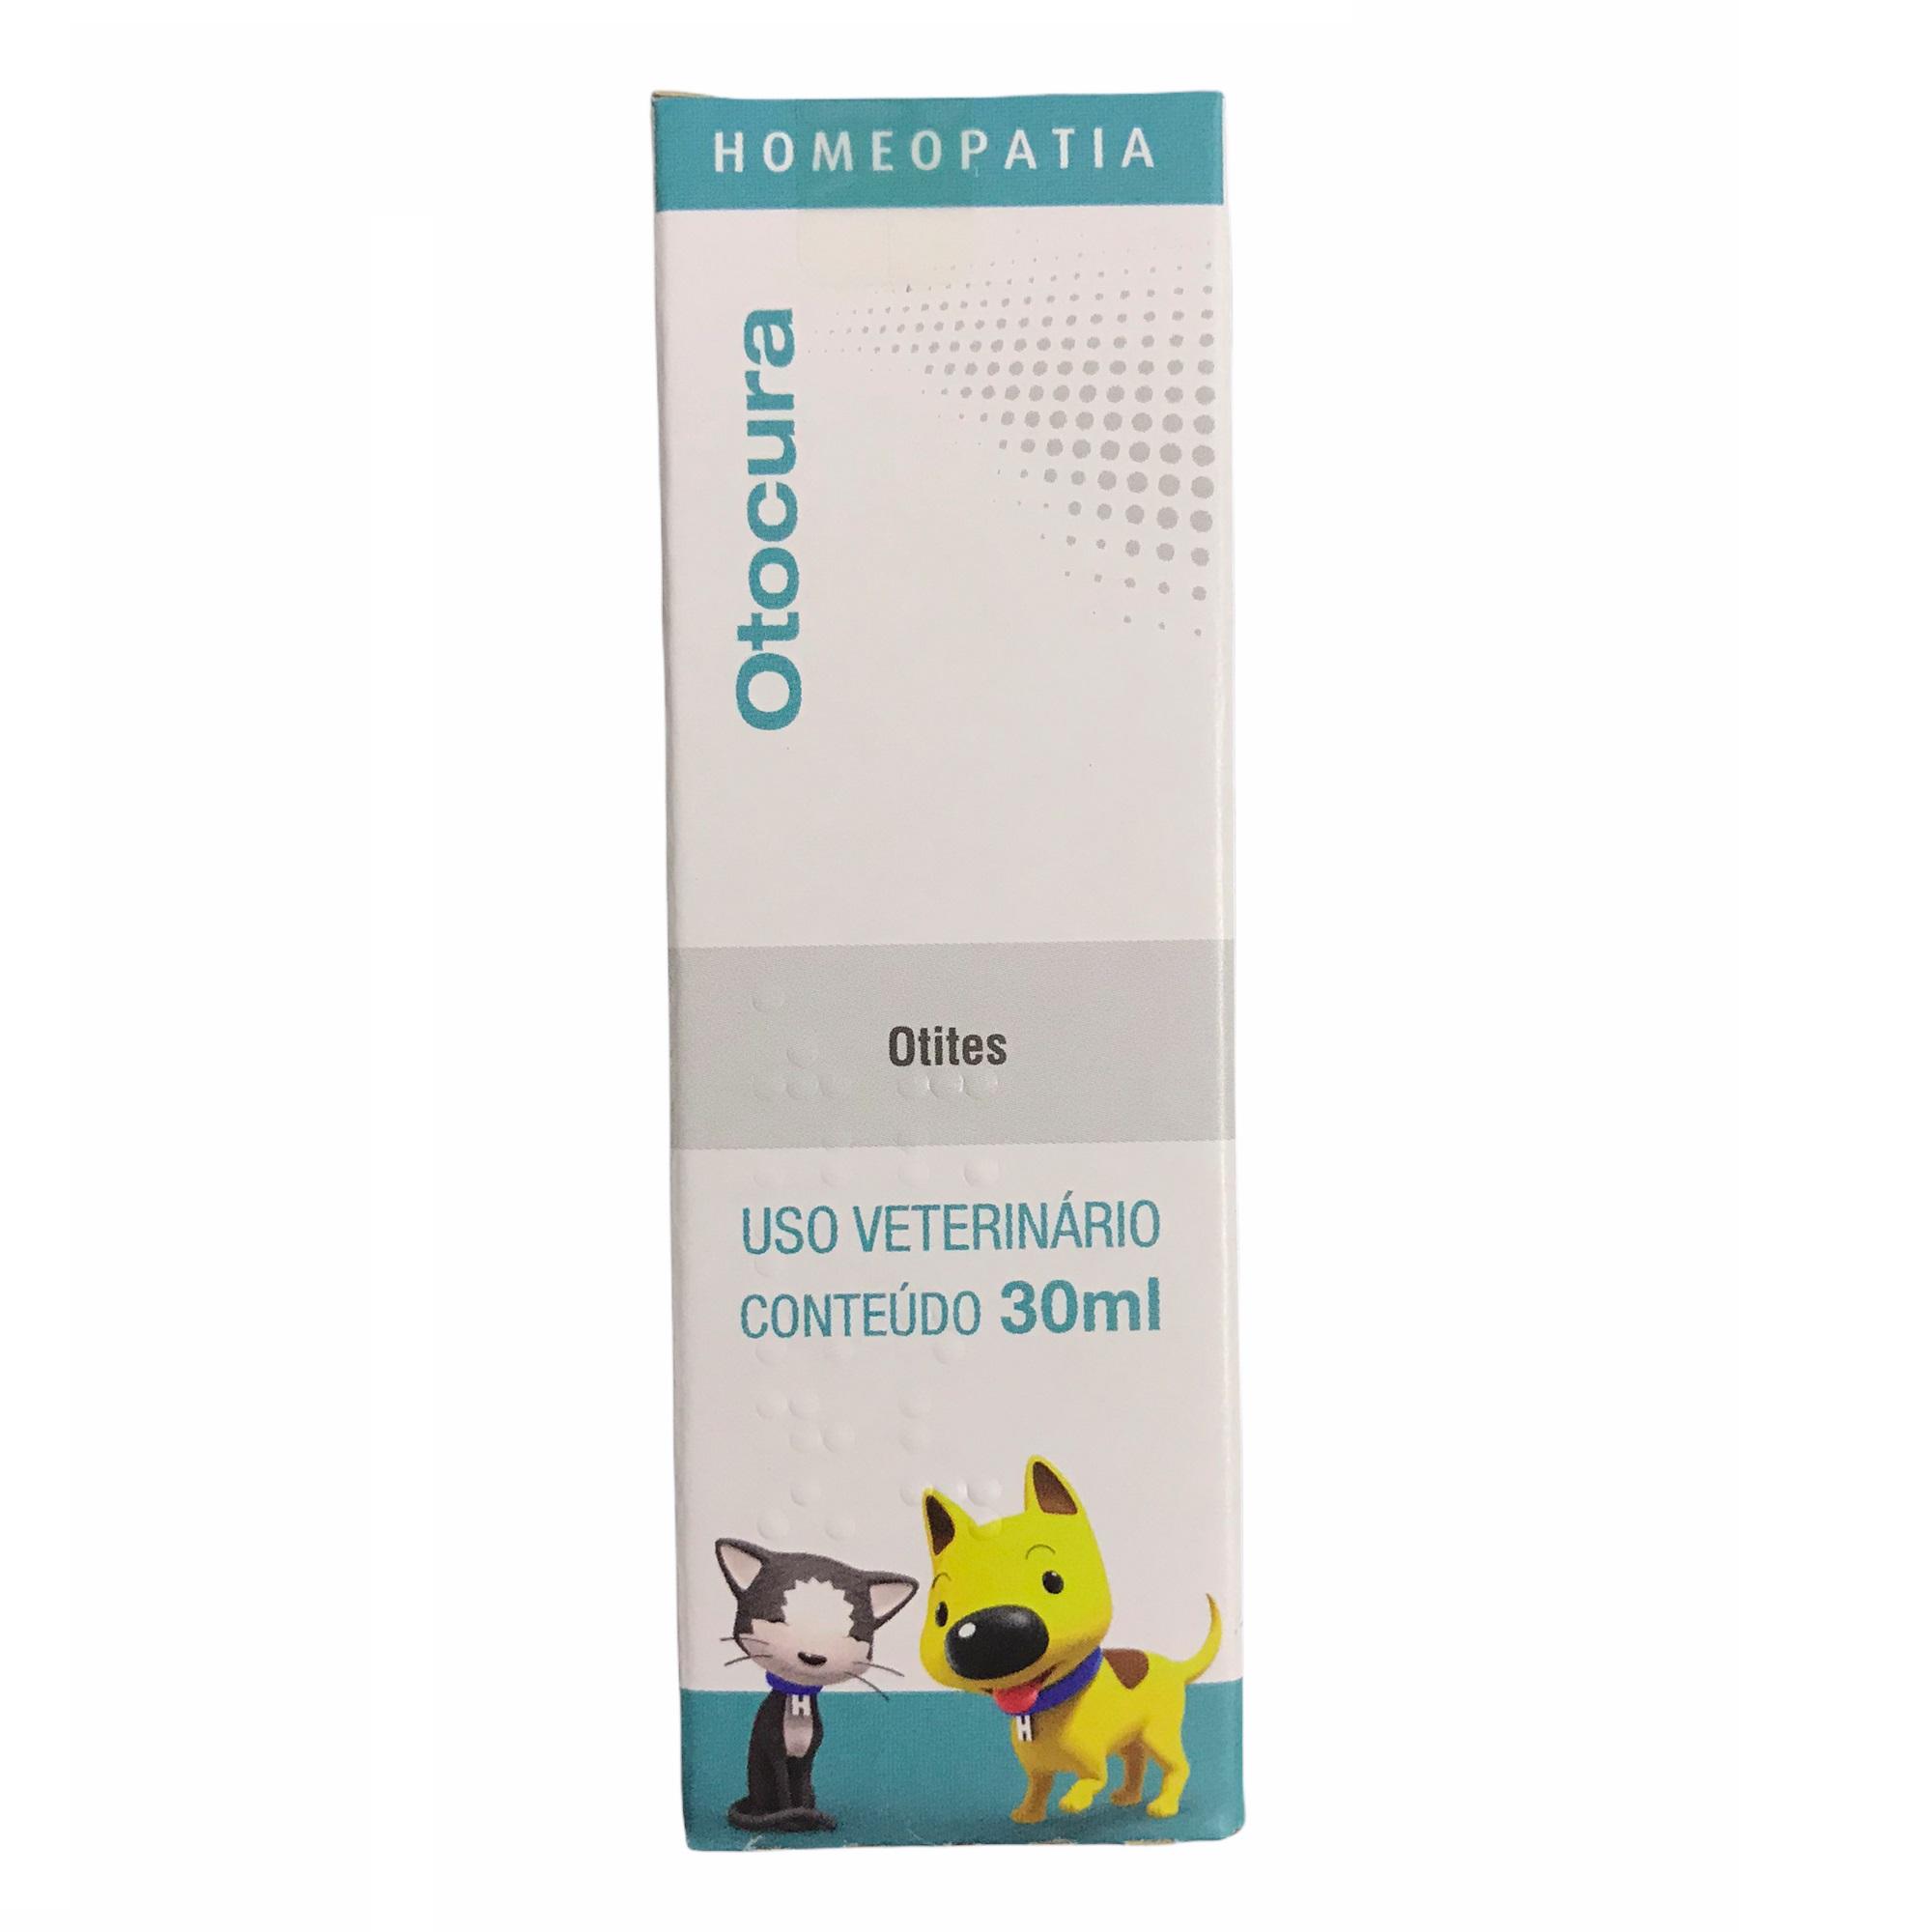 Solução Homeopática Otocura 30ml - Real H